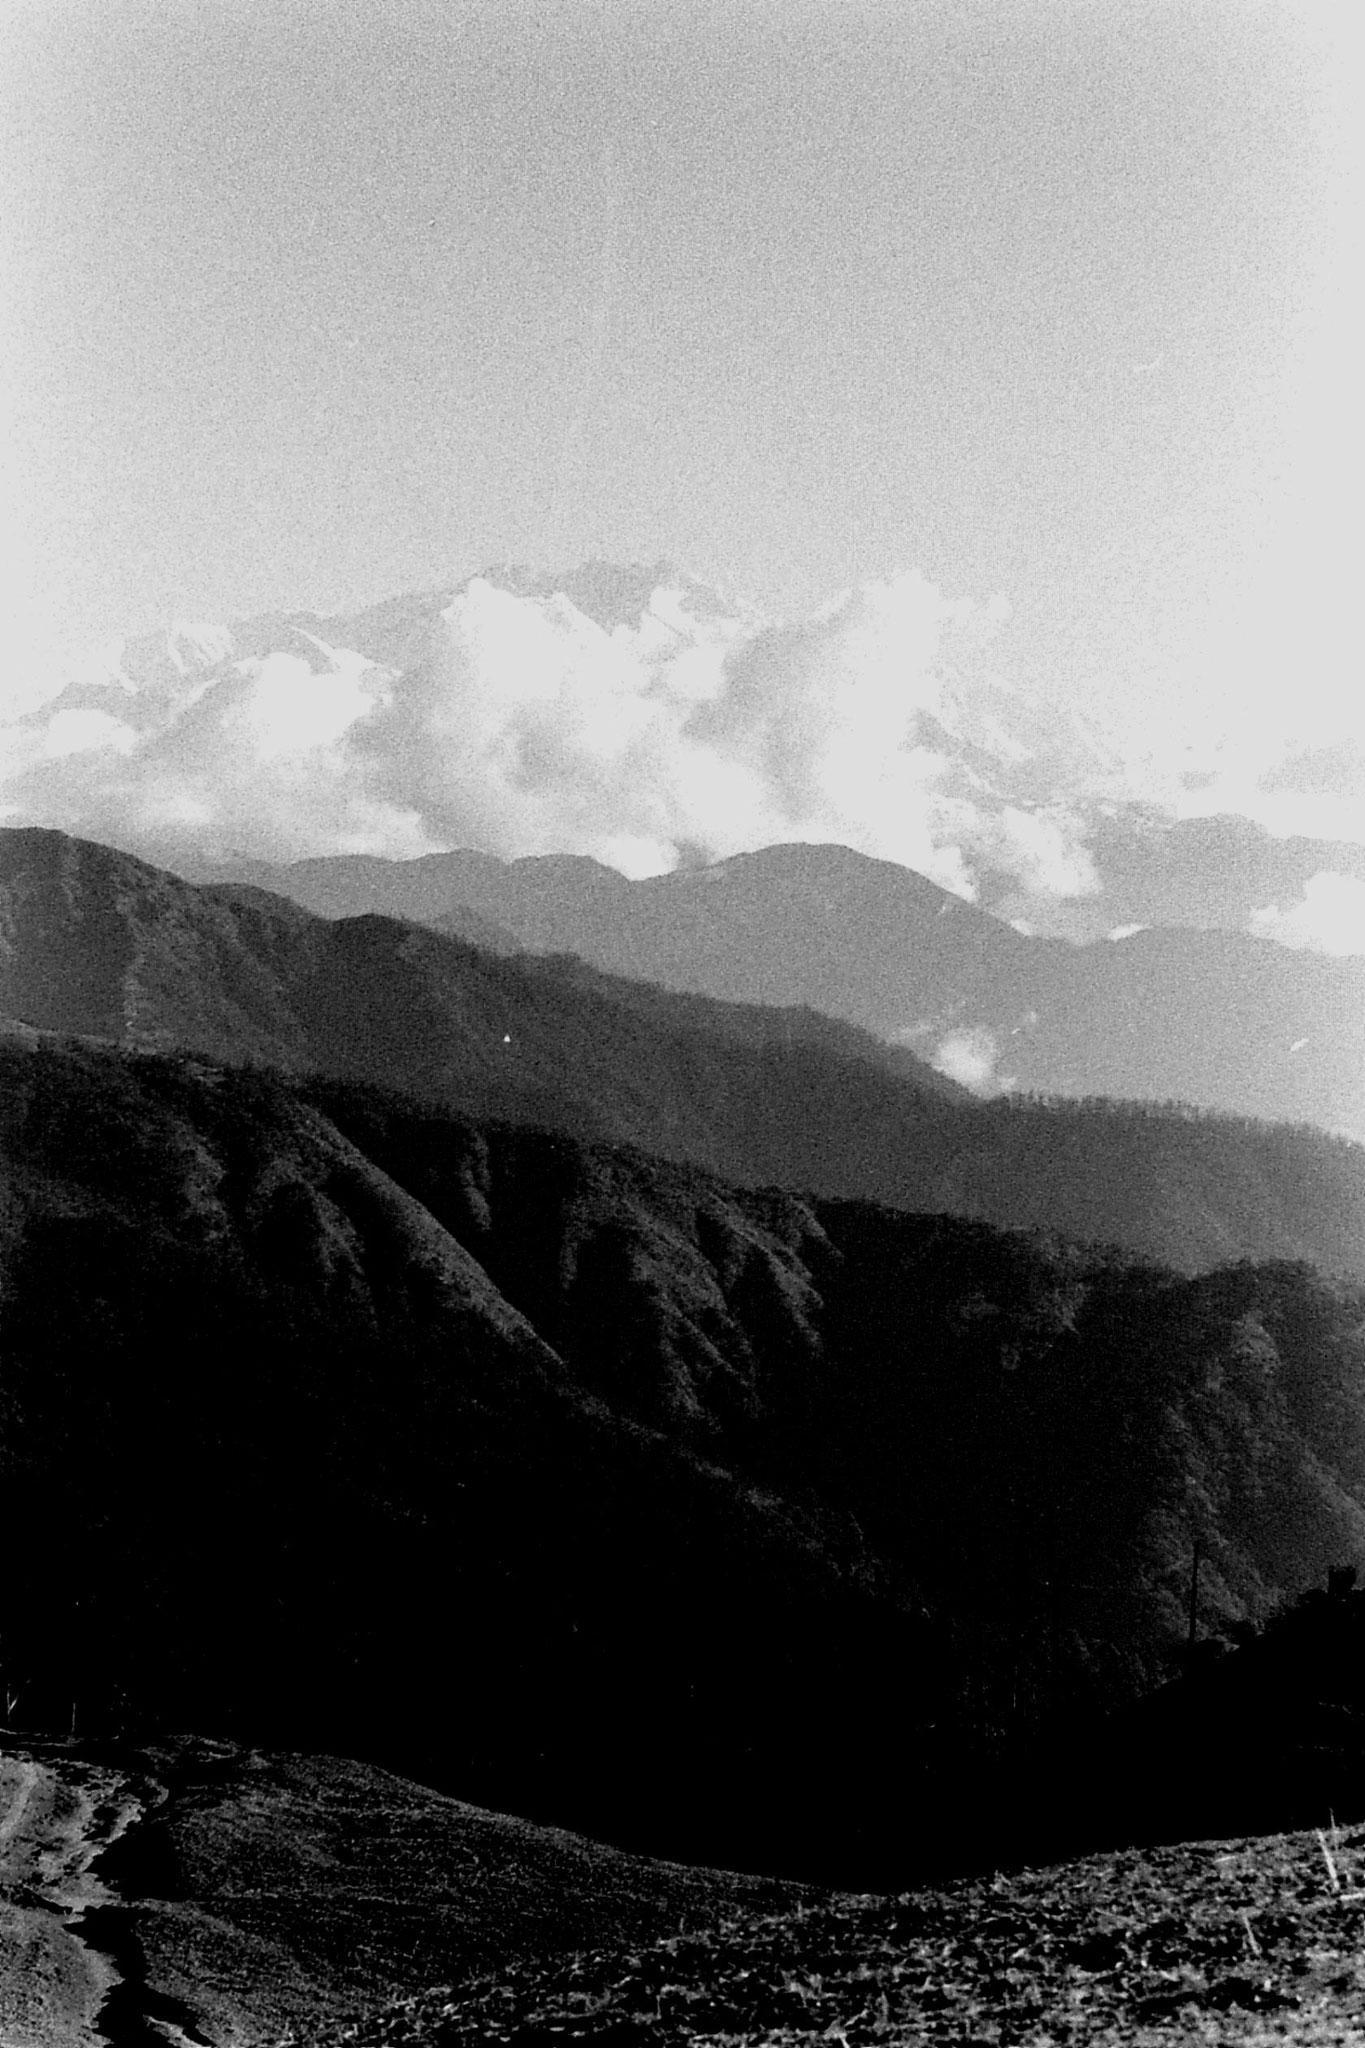 8/5/1990: 26: from Sabarkum, Kanchenjunga